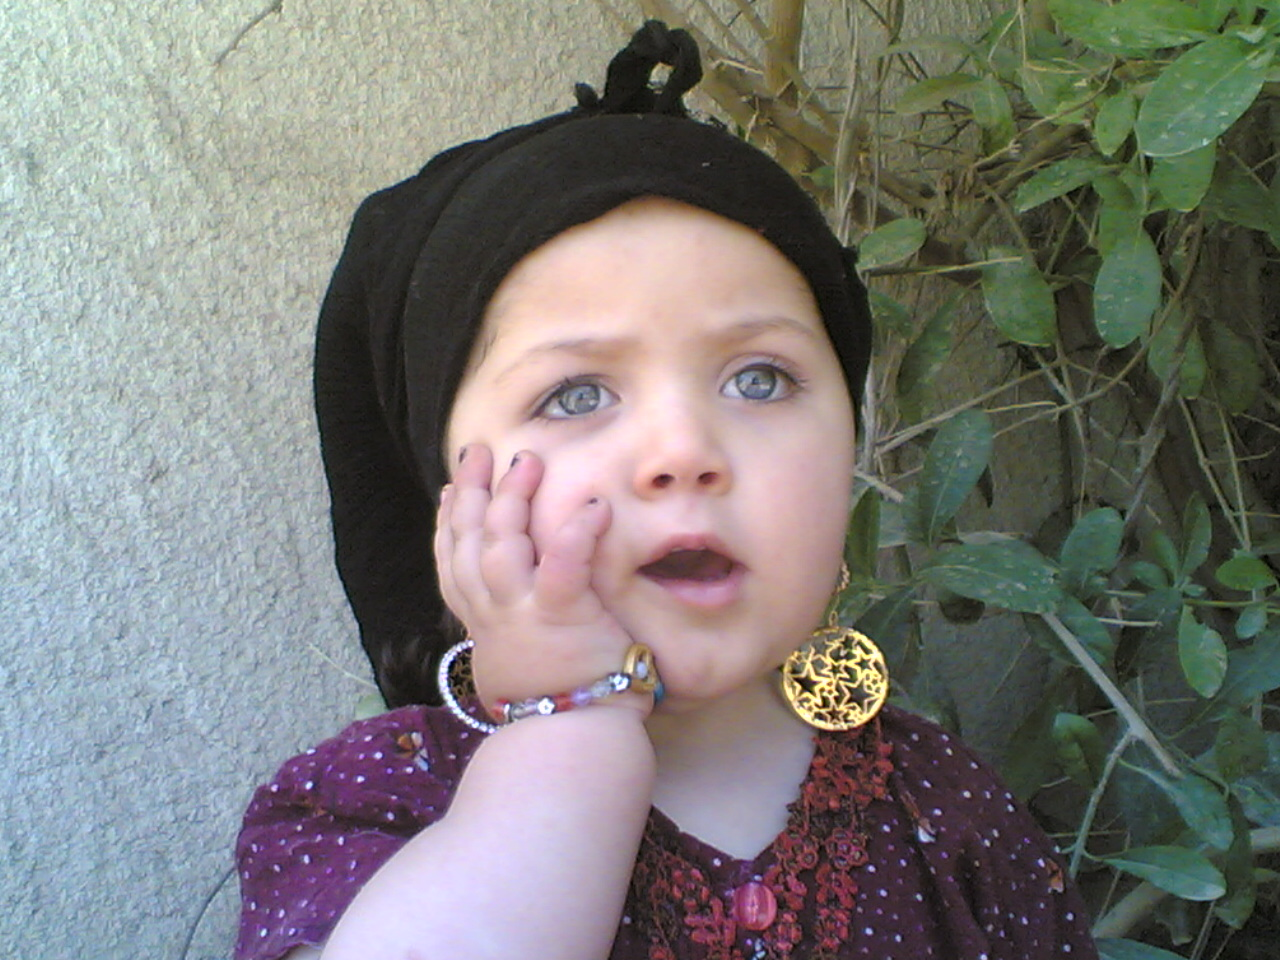 بالصور صور حلوه اطفال , تعالوا شوفوا الجمال 11539 6